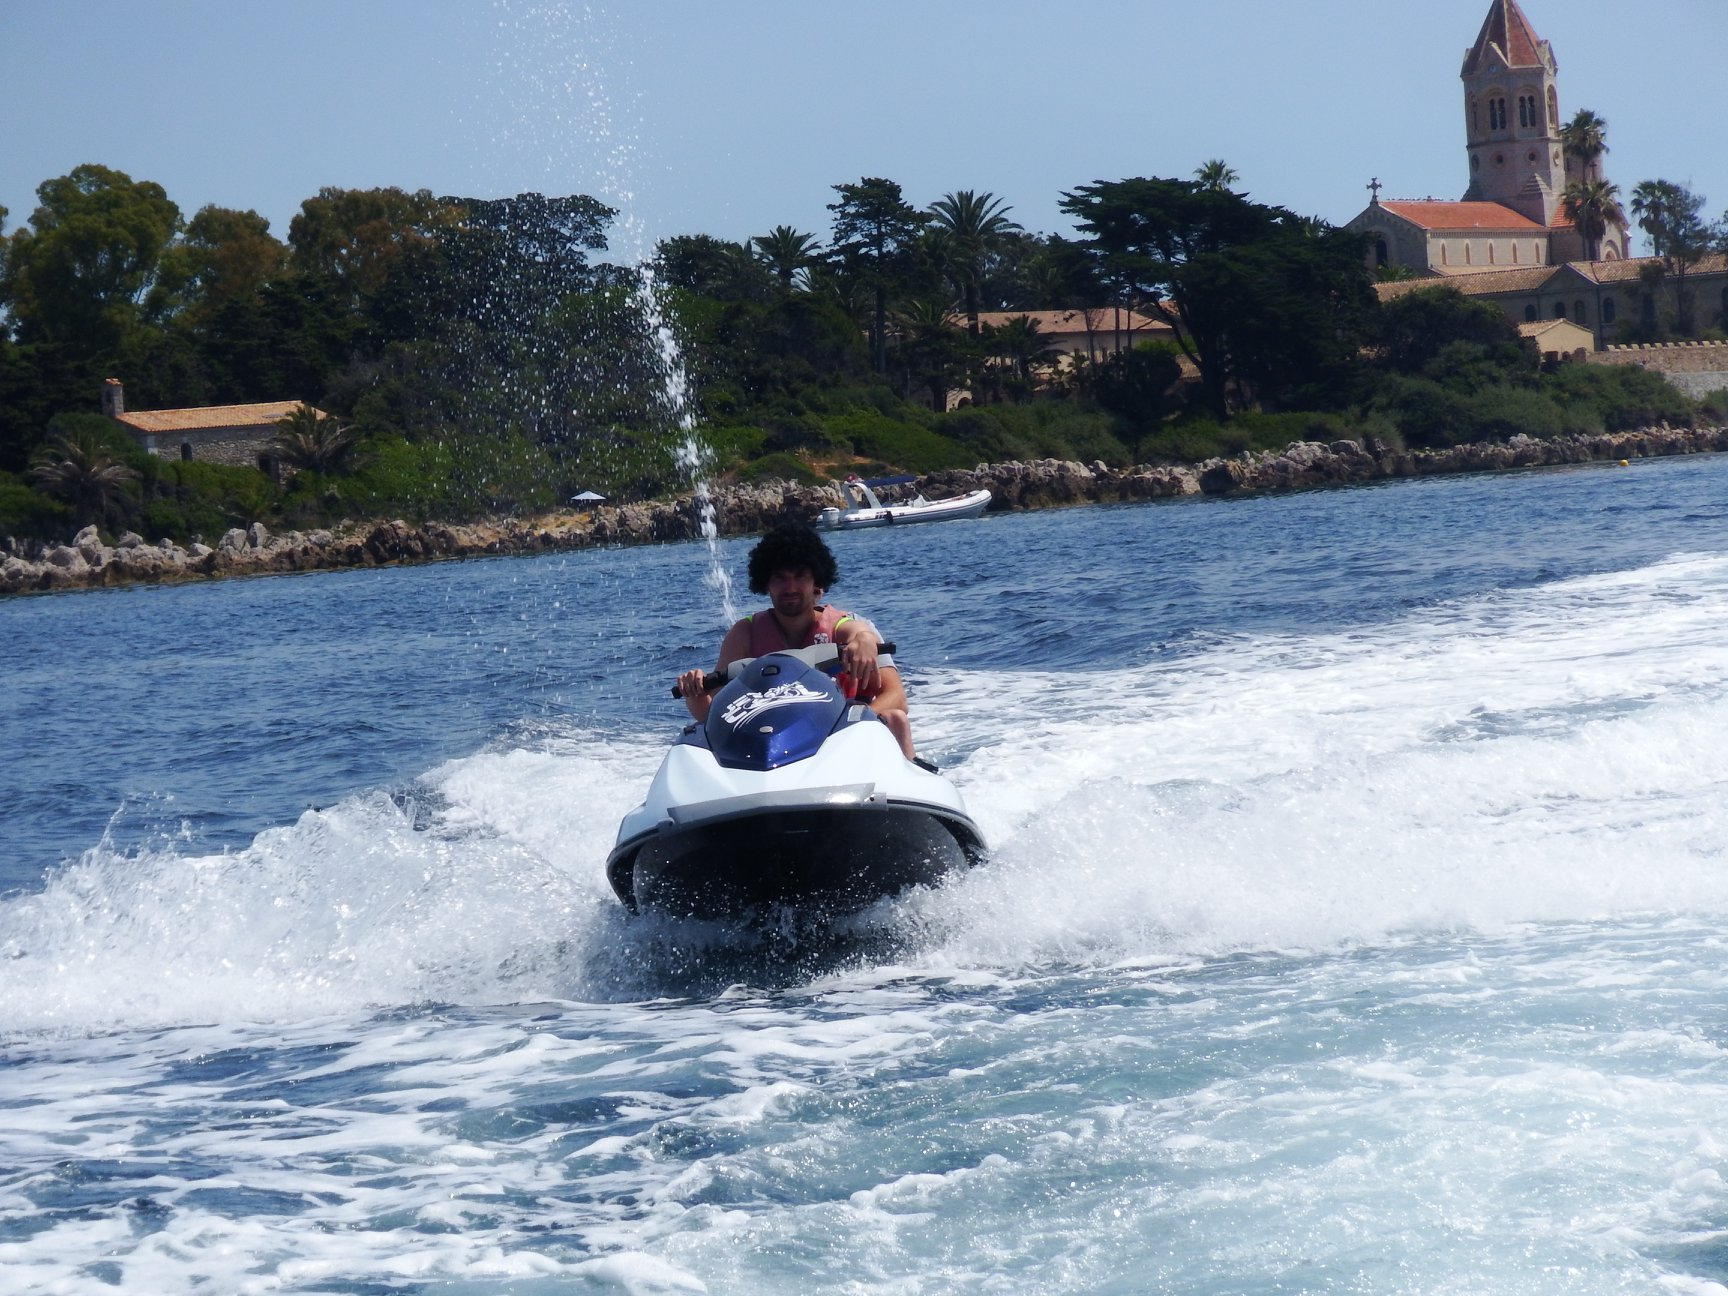 Randonnée en jet ski sur la Corniche d'Or, de Saint-Raphael à Mandelieu